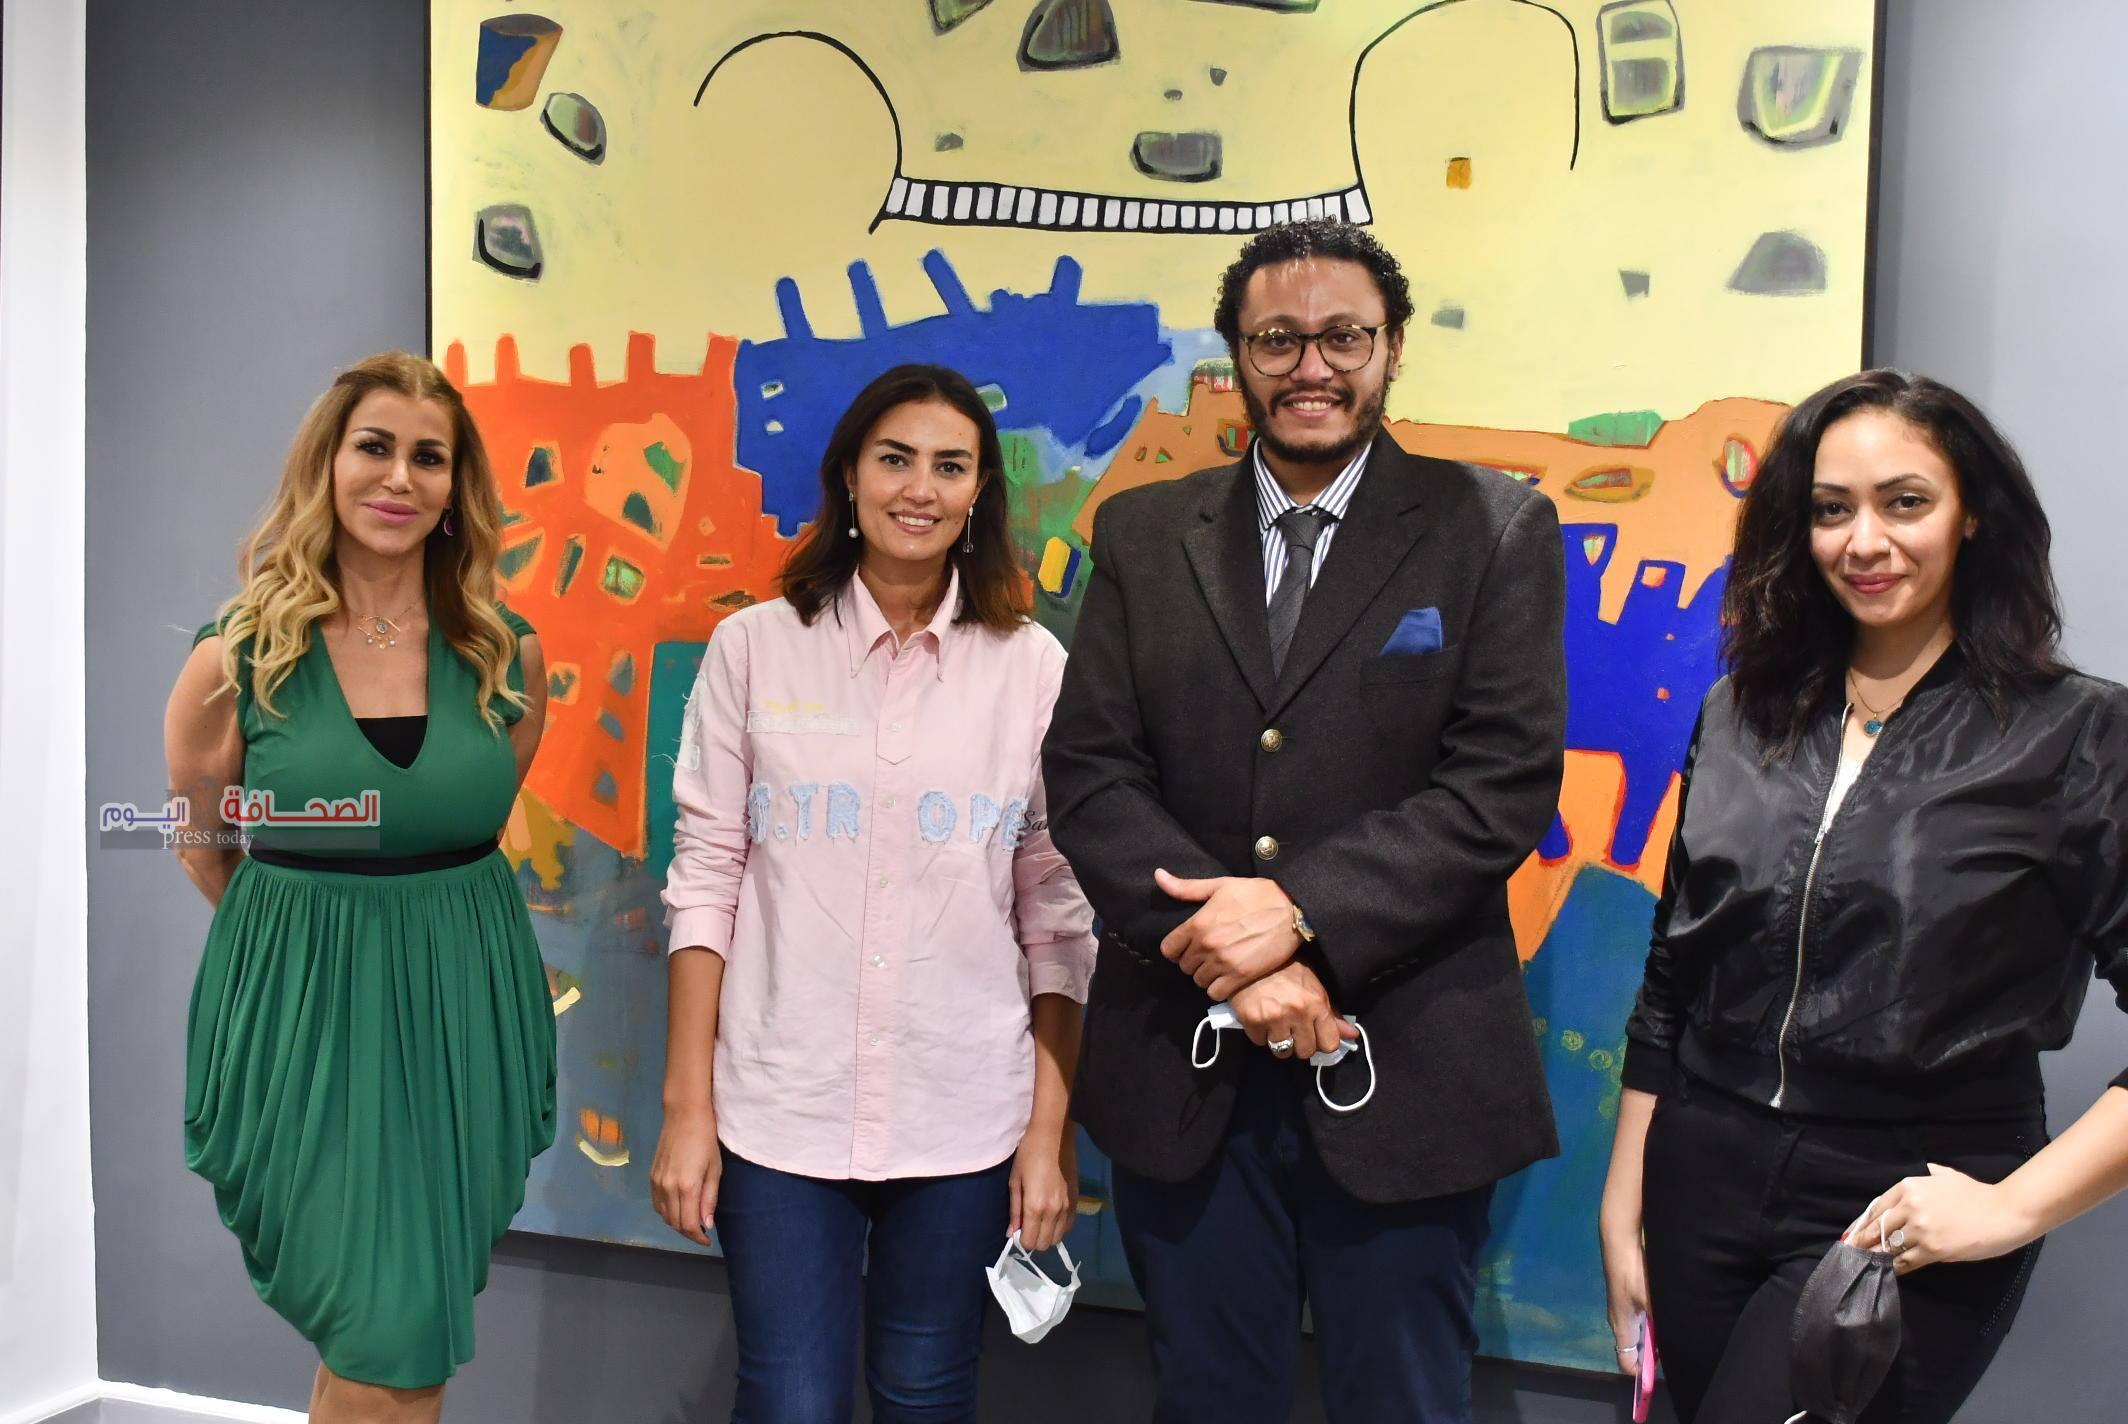 بالصور .. إفتتاح معرض مقدمة للفنان أحمد جعفرى